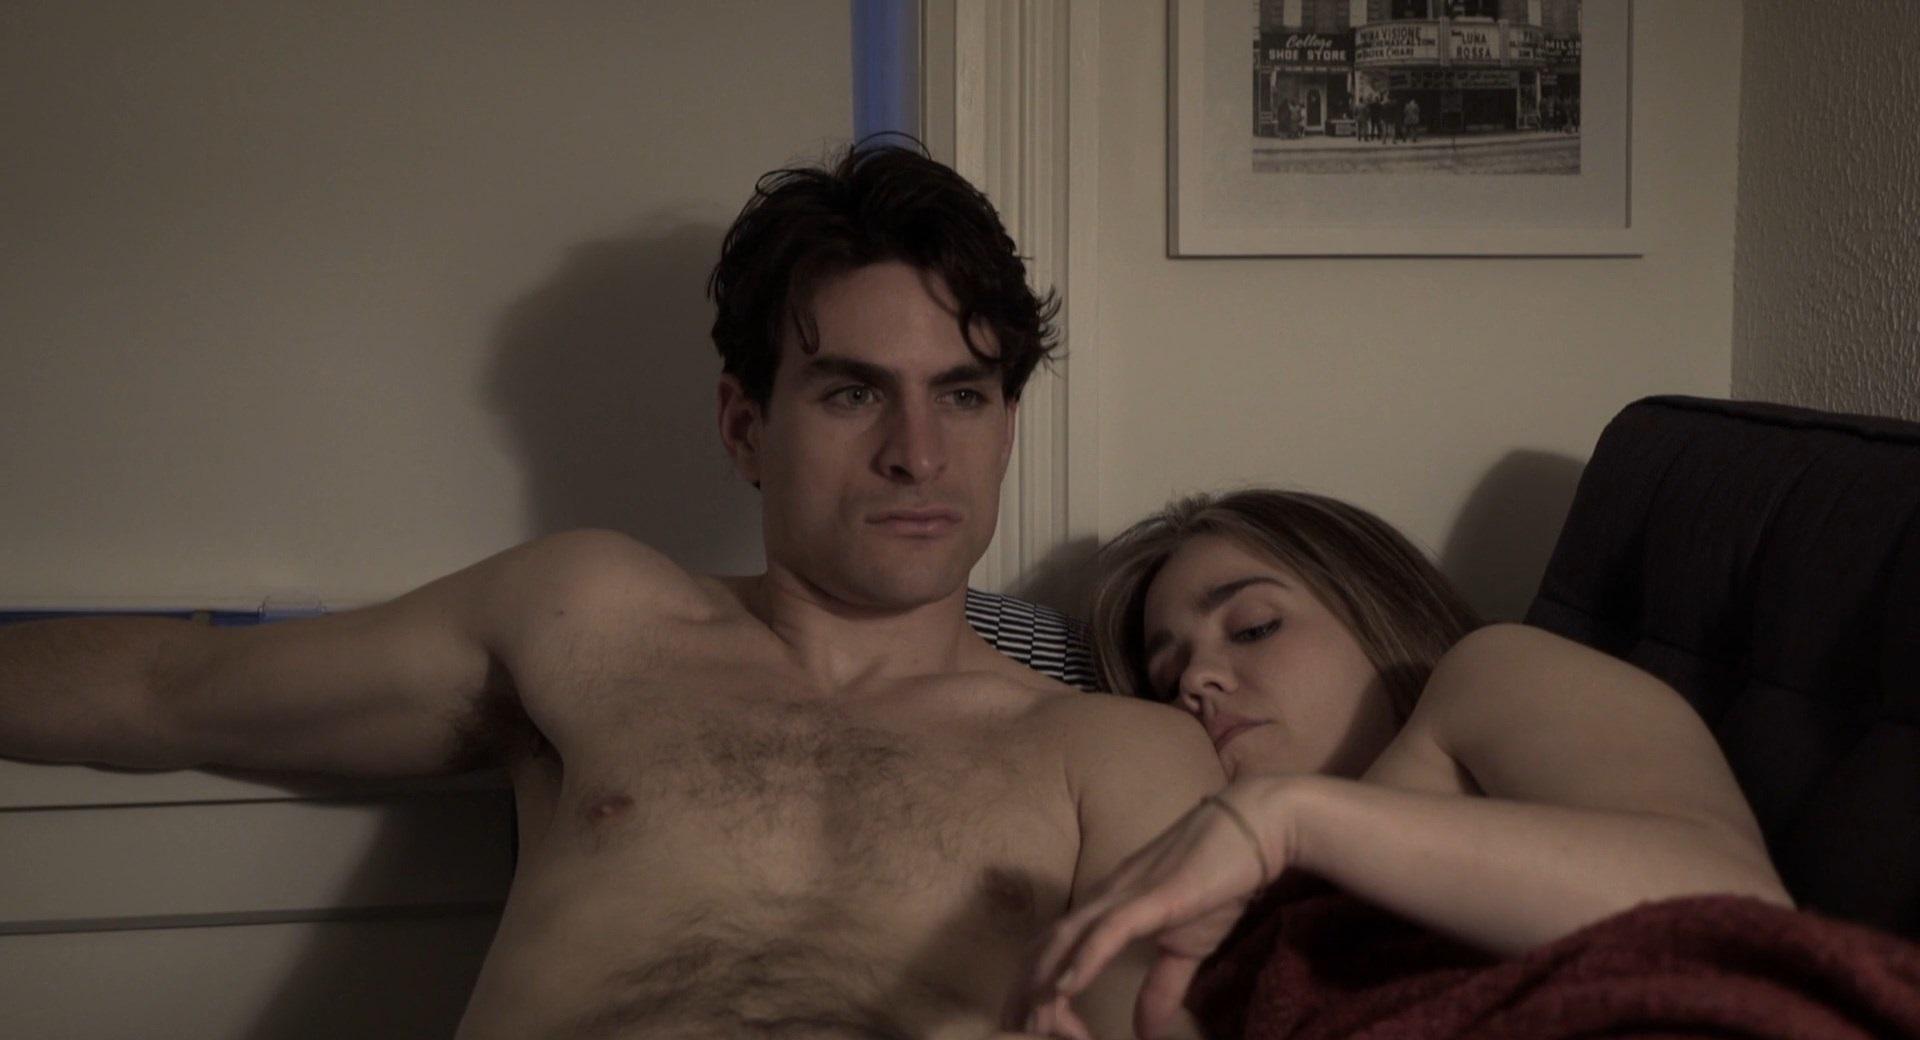 carly fawcett nude sex scene